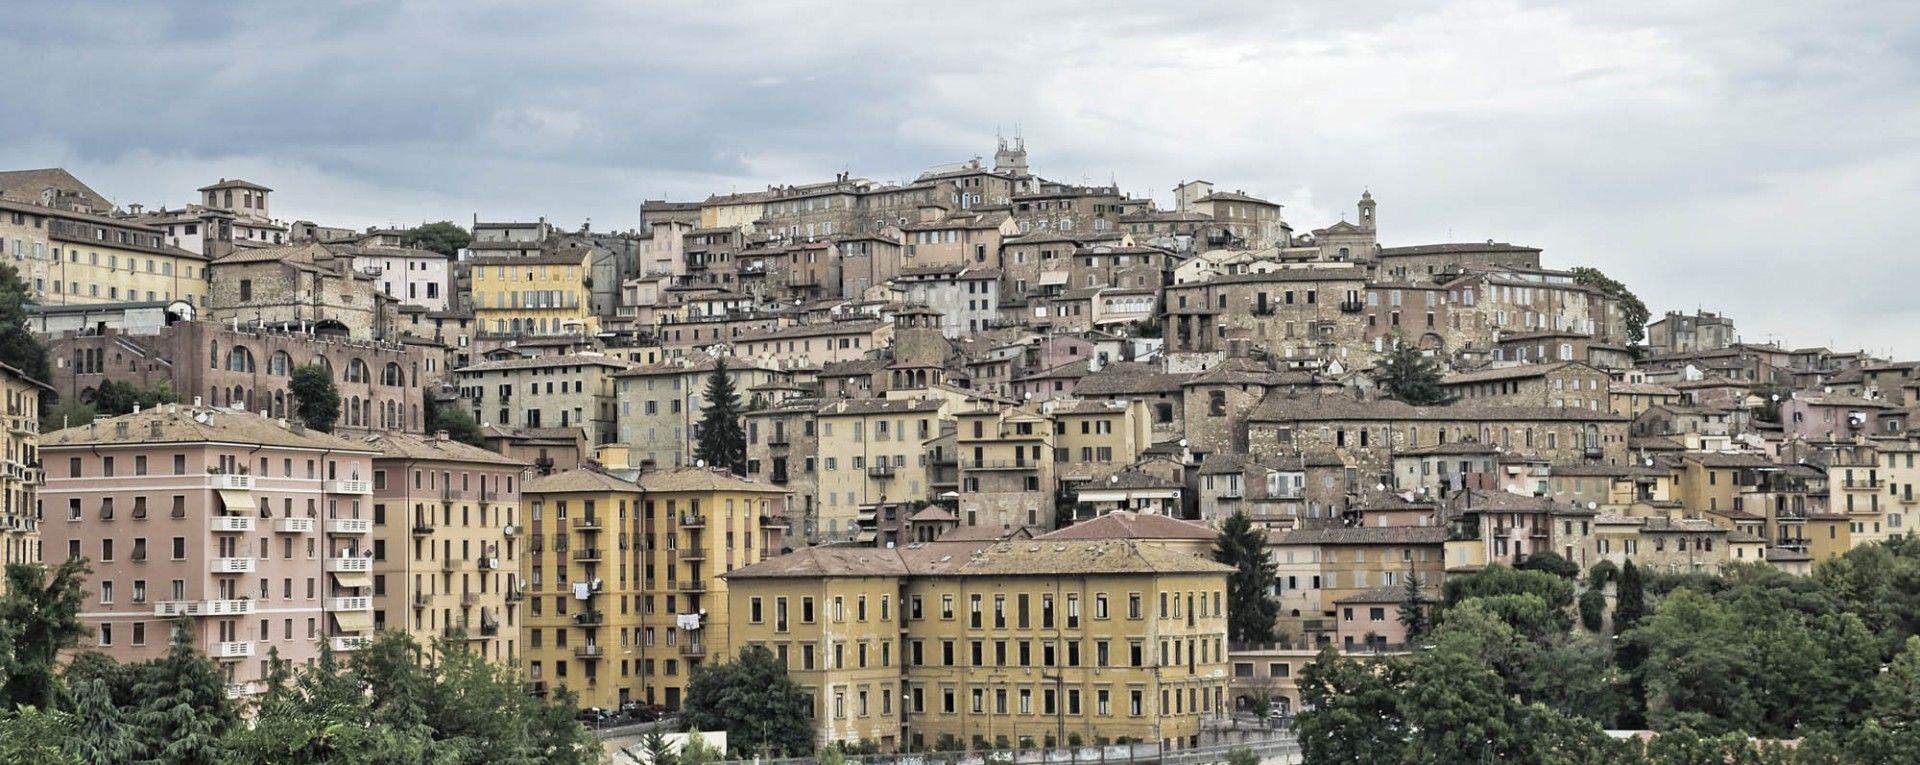 Hotels In Perugia City